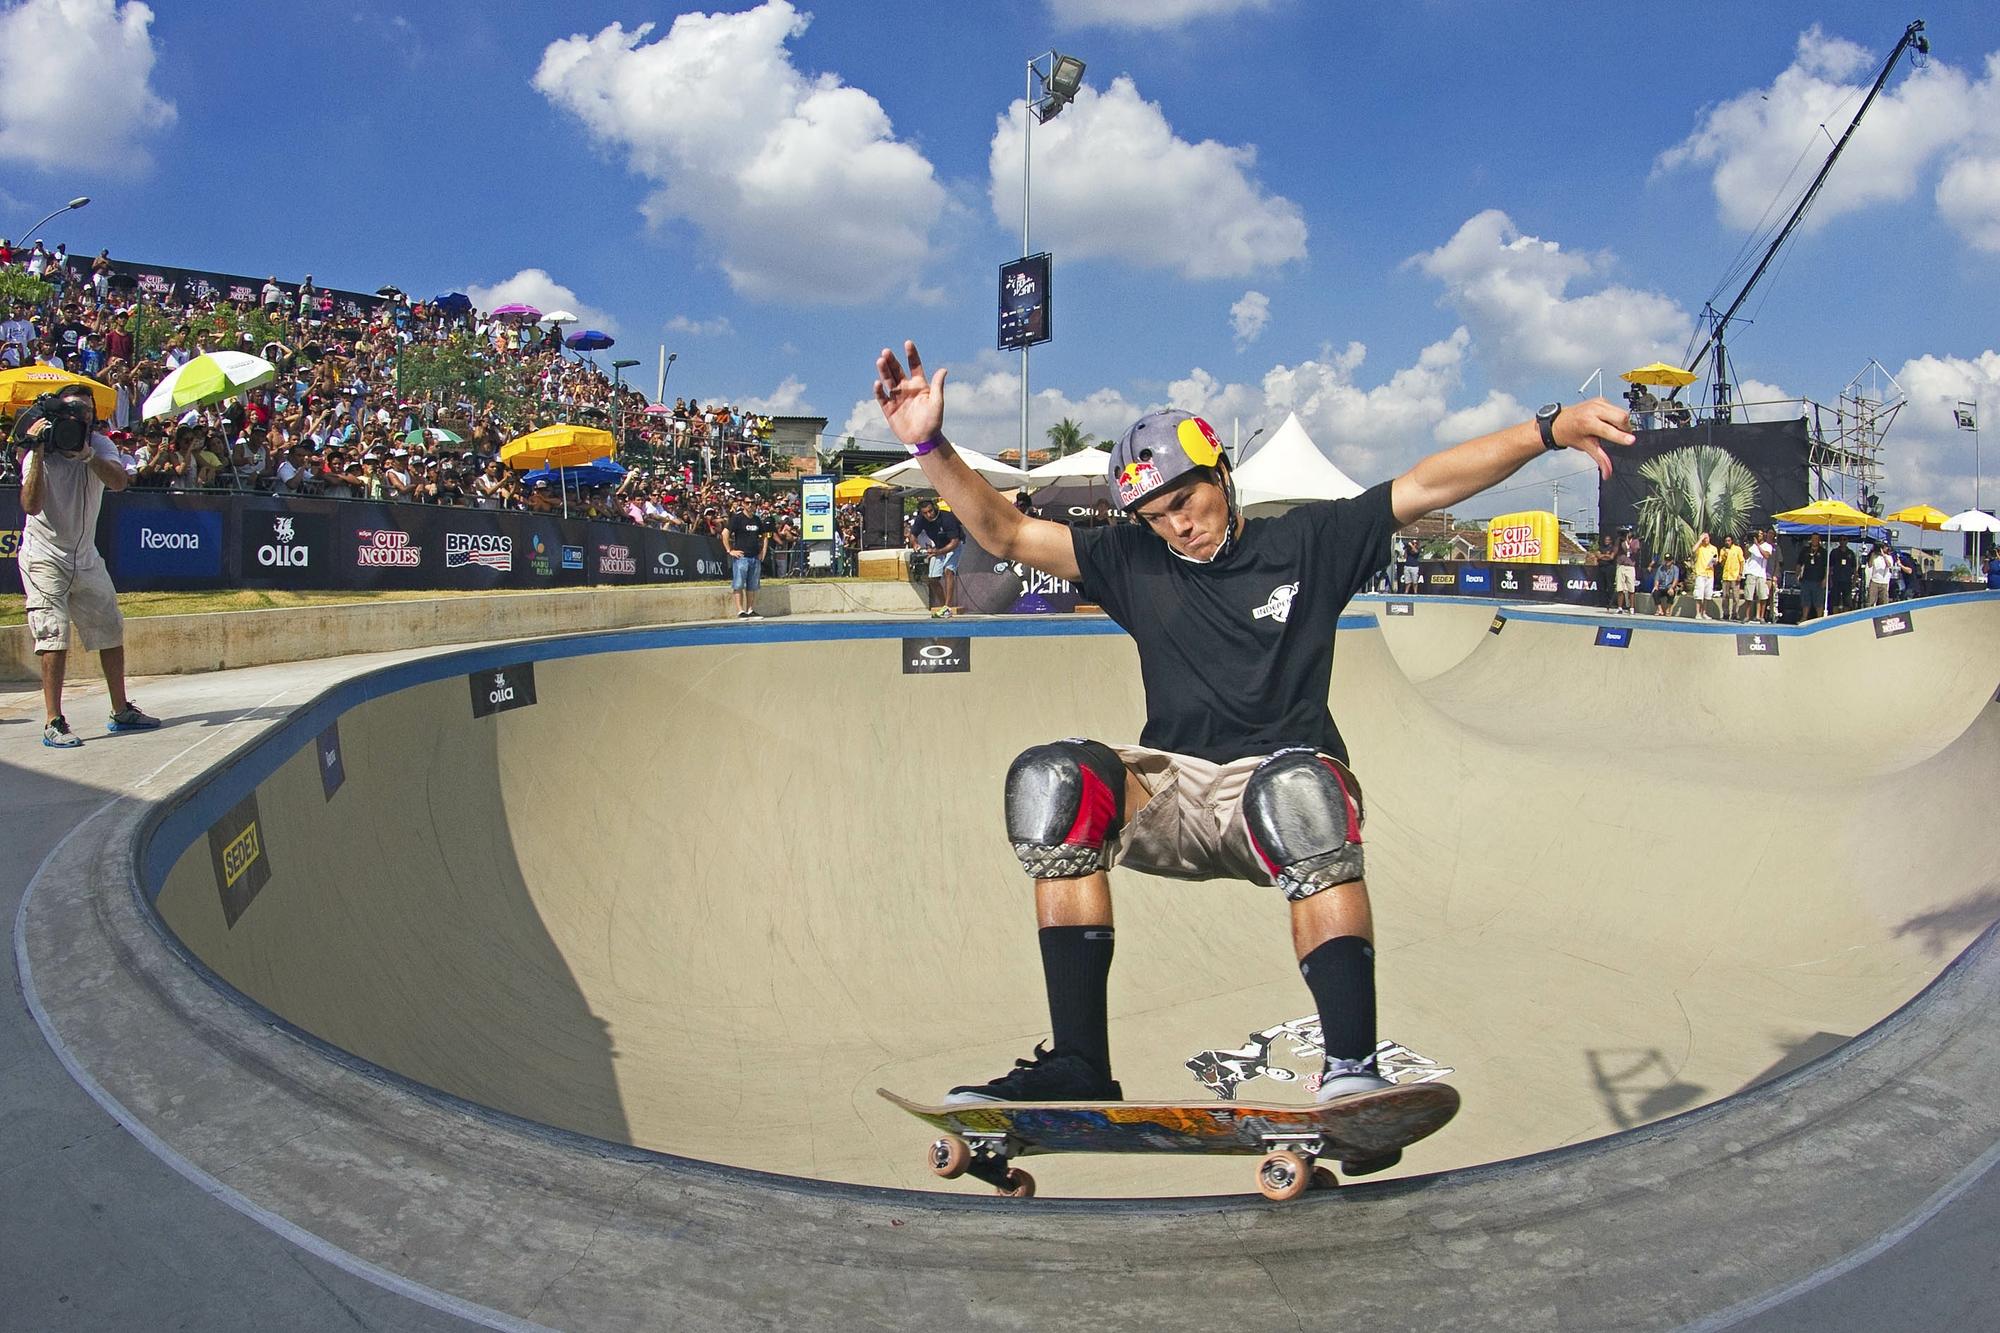 Com calor como desafio, skatistas já estão no Rio para o Mundial ... - Globo.com